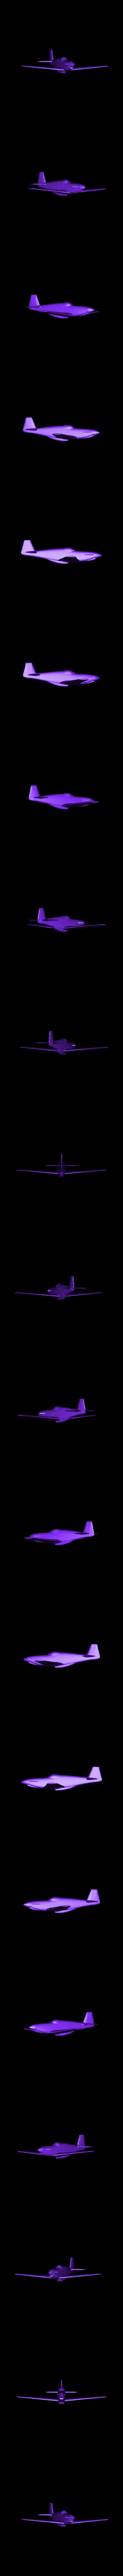 P51_Mustang_HD.STL Download STL file P51 MUSTANG (P51B-5 NA) • 3D printer template, 3Dmodeling